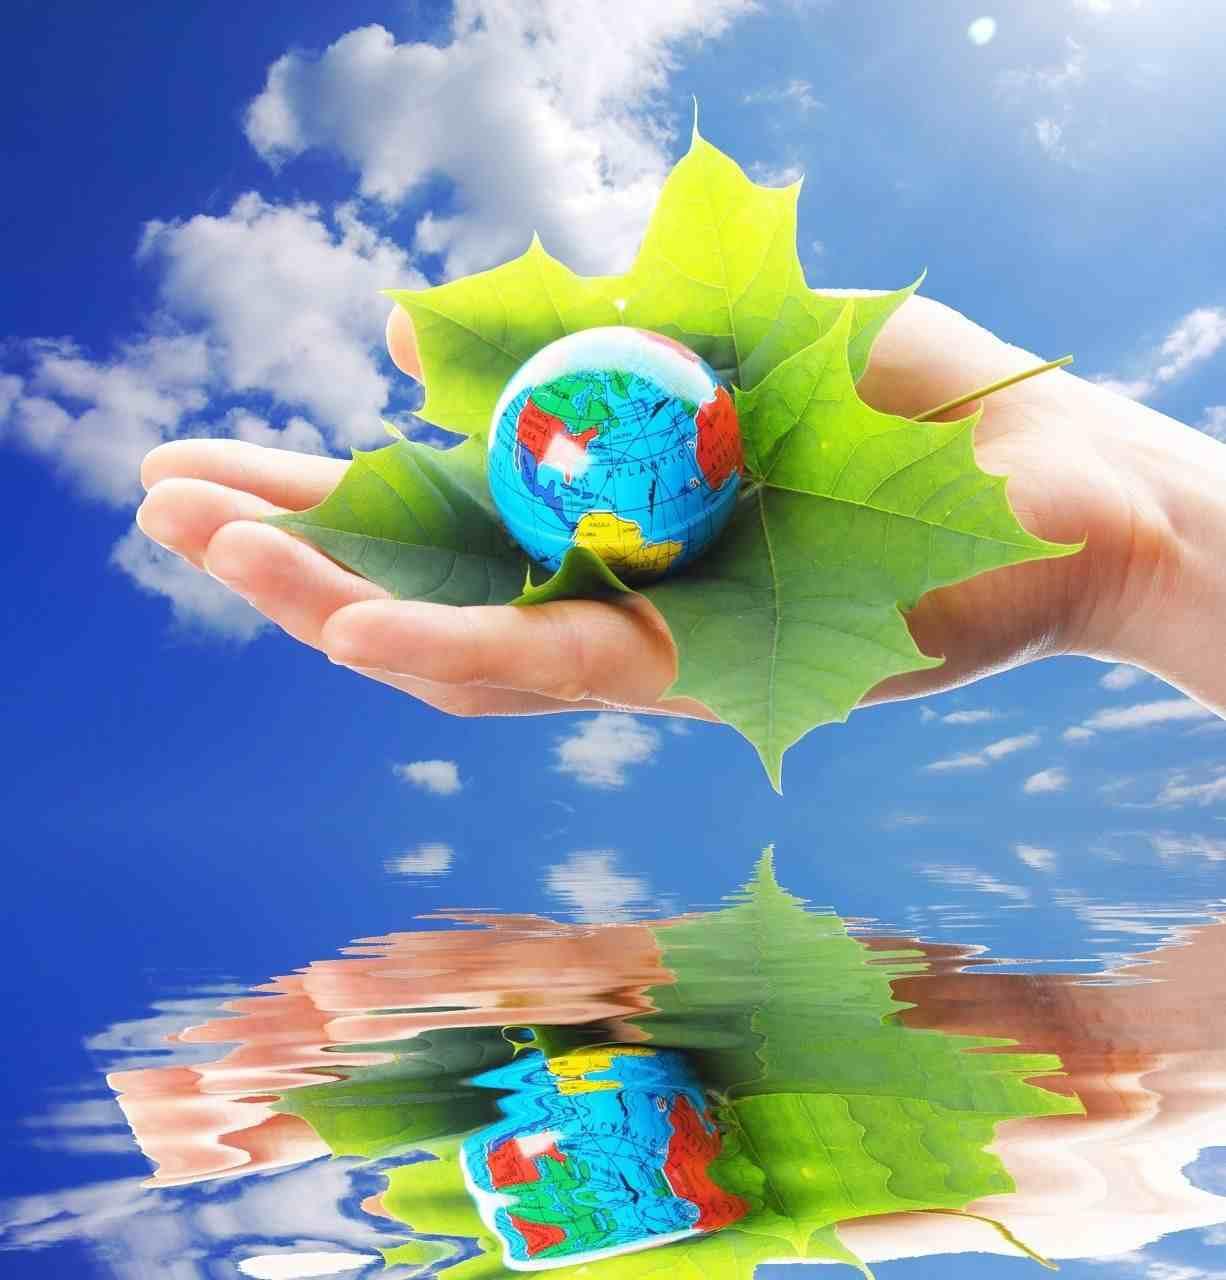 小学高年级环保作文2篇:保护环境,爱护家园